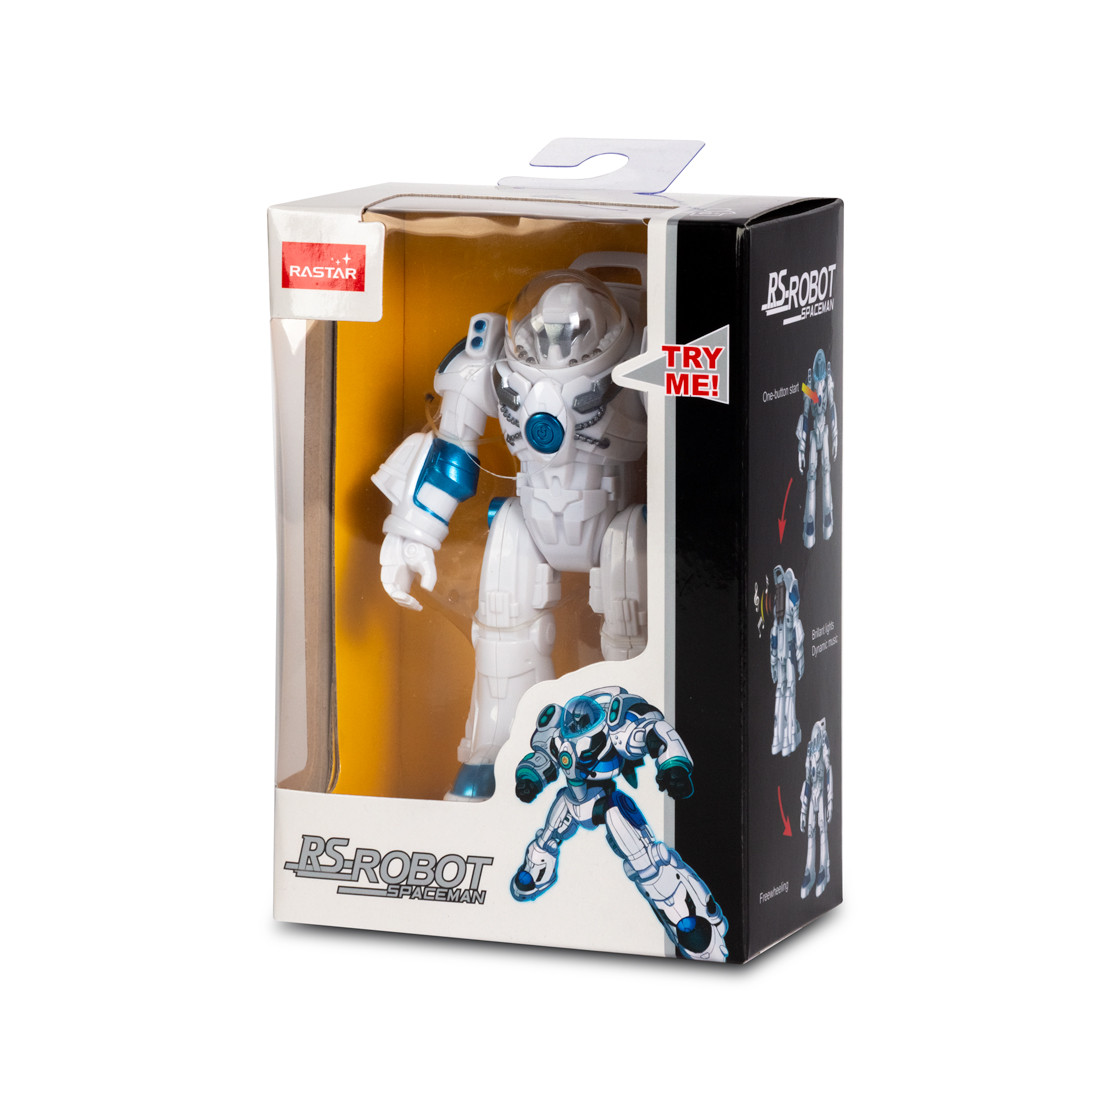 Робот RASTAR RS MINI Robot Spaceman 77100W (Свет, Музыка, Движущиеся съемные руки и ноги) - фото 3